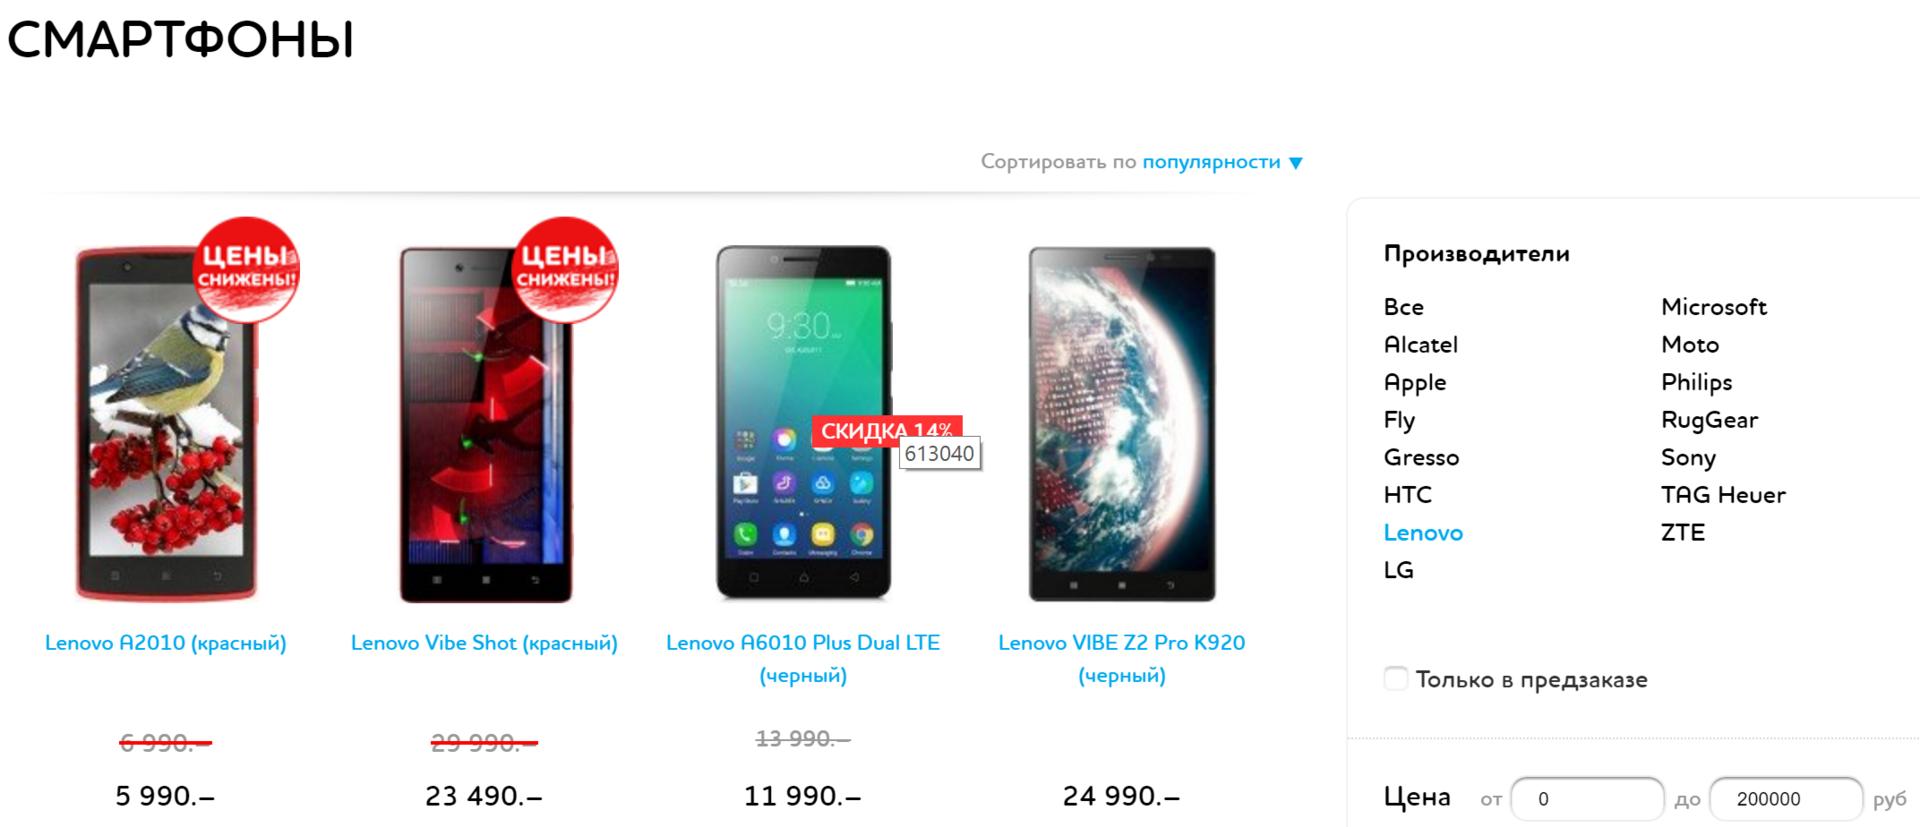 «Евросеть» и «Связной» прекращают продажи смартфонов Samsung из-за 7% брака - 2